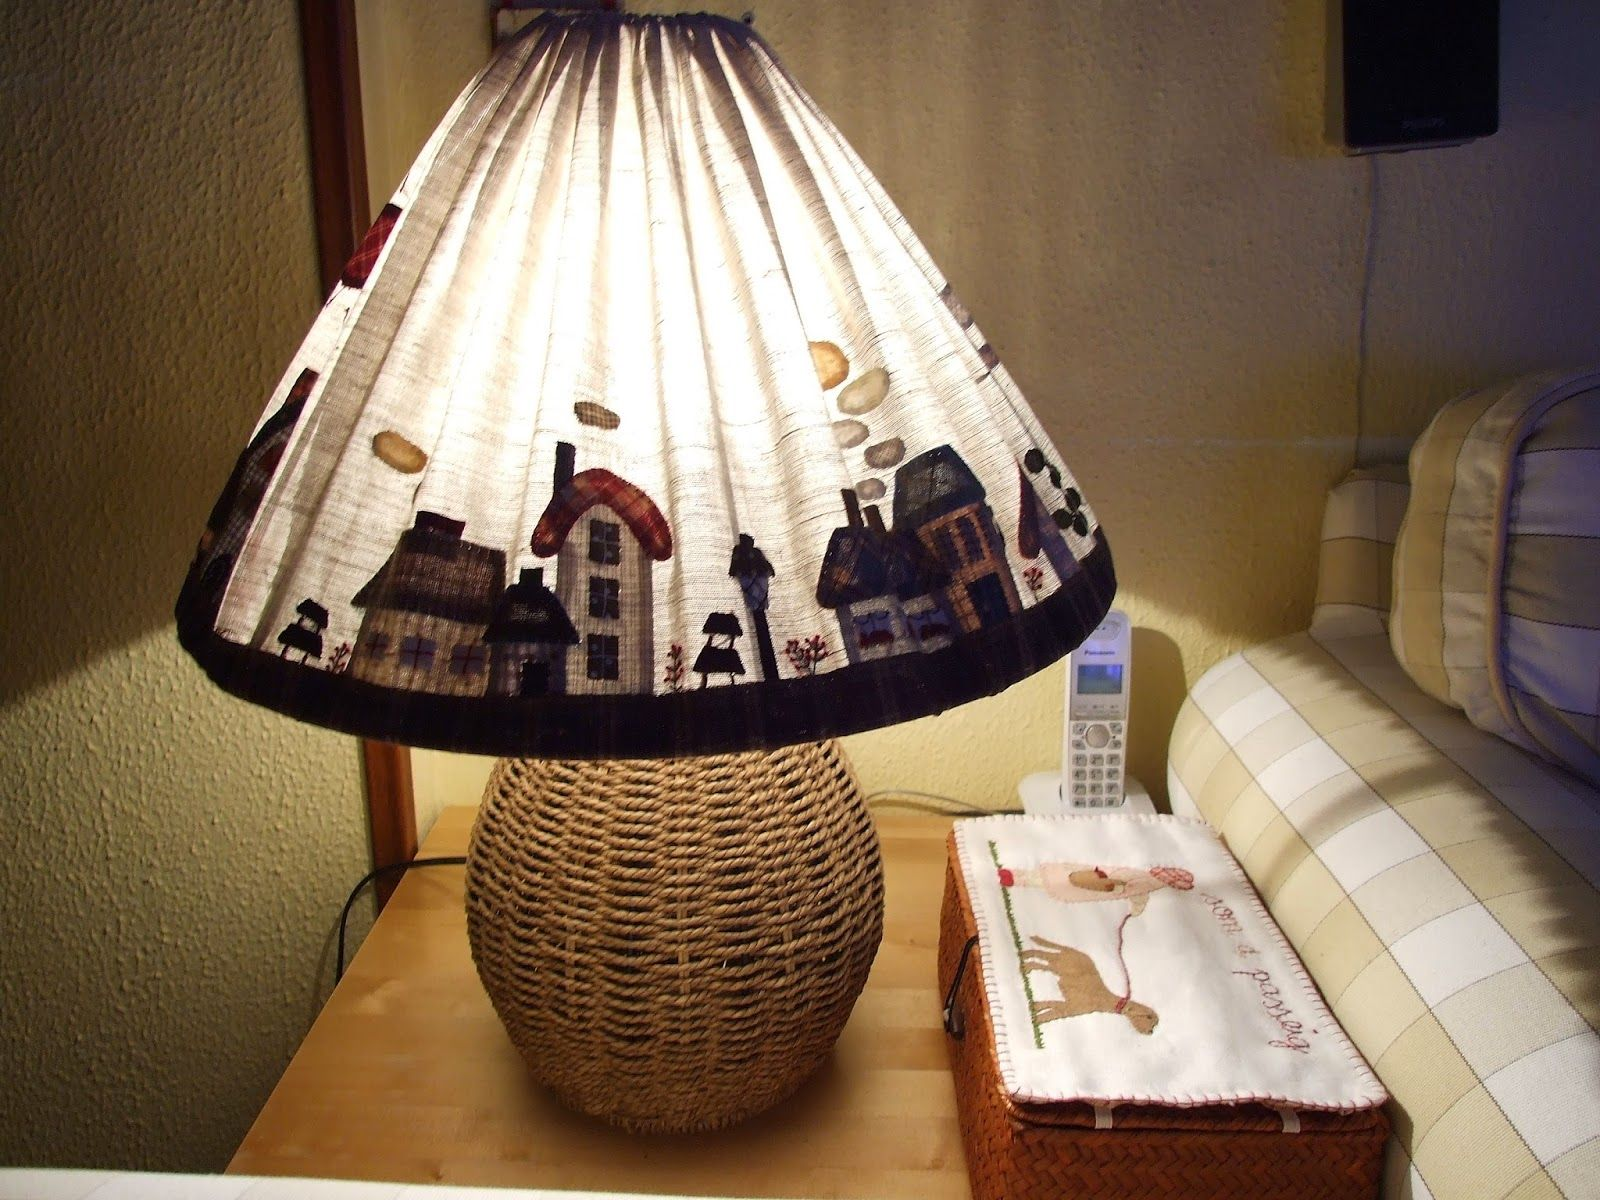 Mi peque o mundo patchwork pantalla lampara de toshiko matsou tutoriales pinterest - Pantallas de lamparas ...